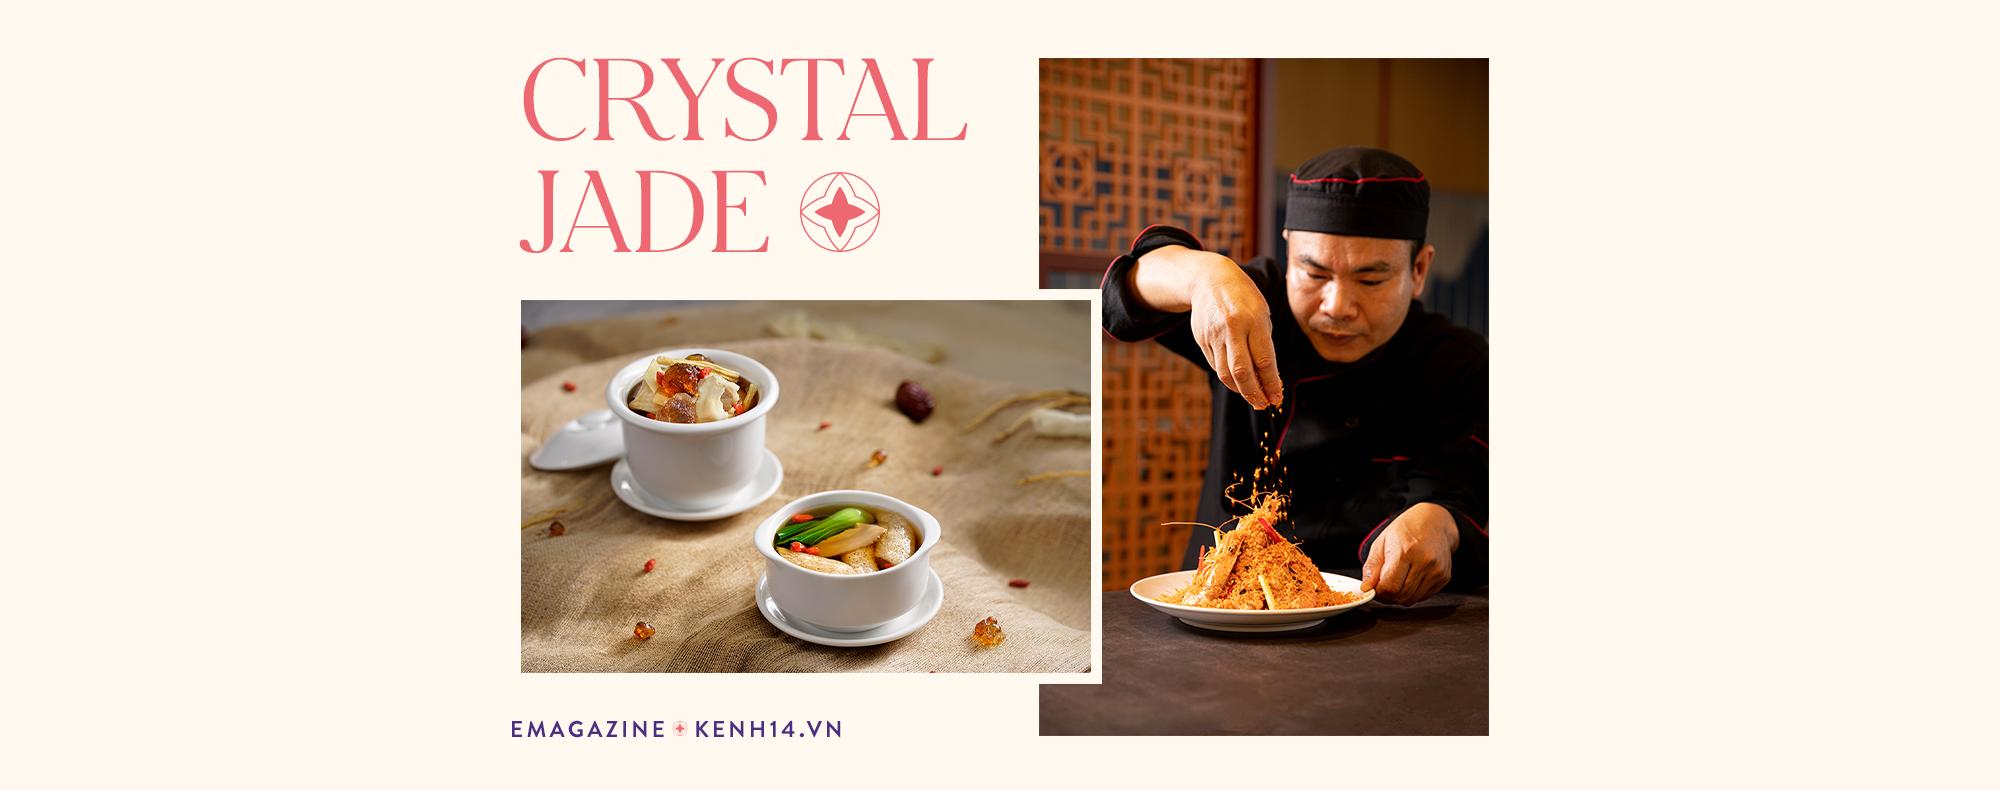 Hành trình mang phong vị ẩm thực Hồng Kông 30 năm đẳng cấp Michelin từ Singapore tới Hà Nội - Ảnh 4.